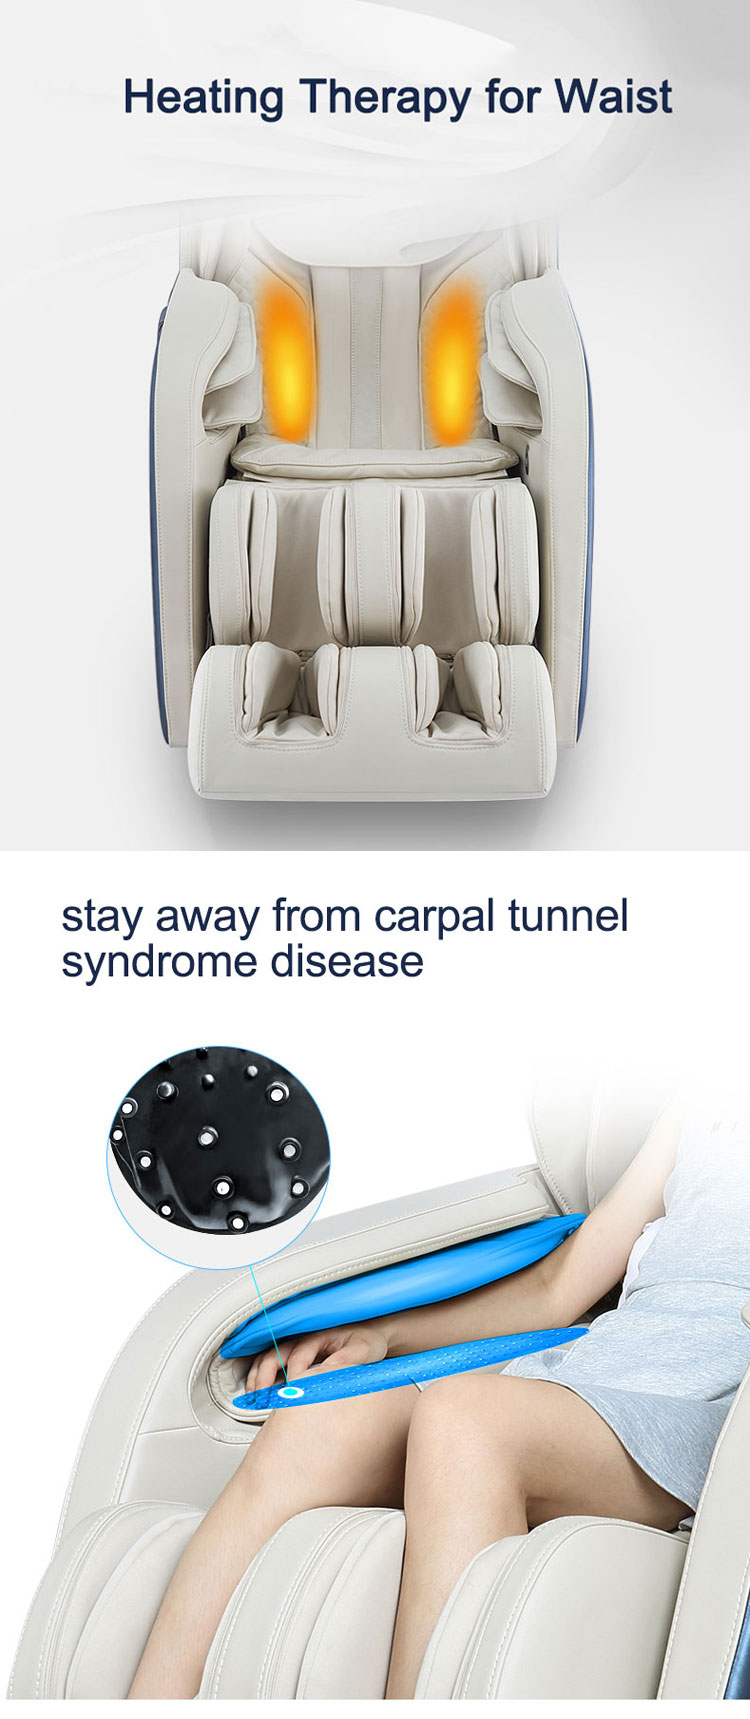 ขายส่งไฟฟ้า 3D Zero Gravity เก้าอี้นวดร่างกายเต็มรูปแบบถุงลมนิรภัย